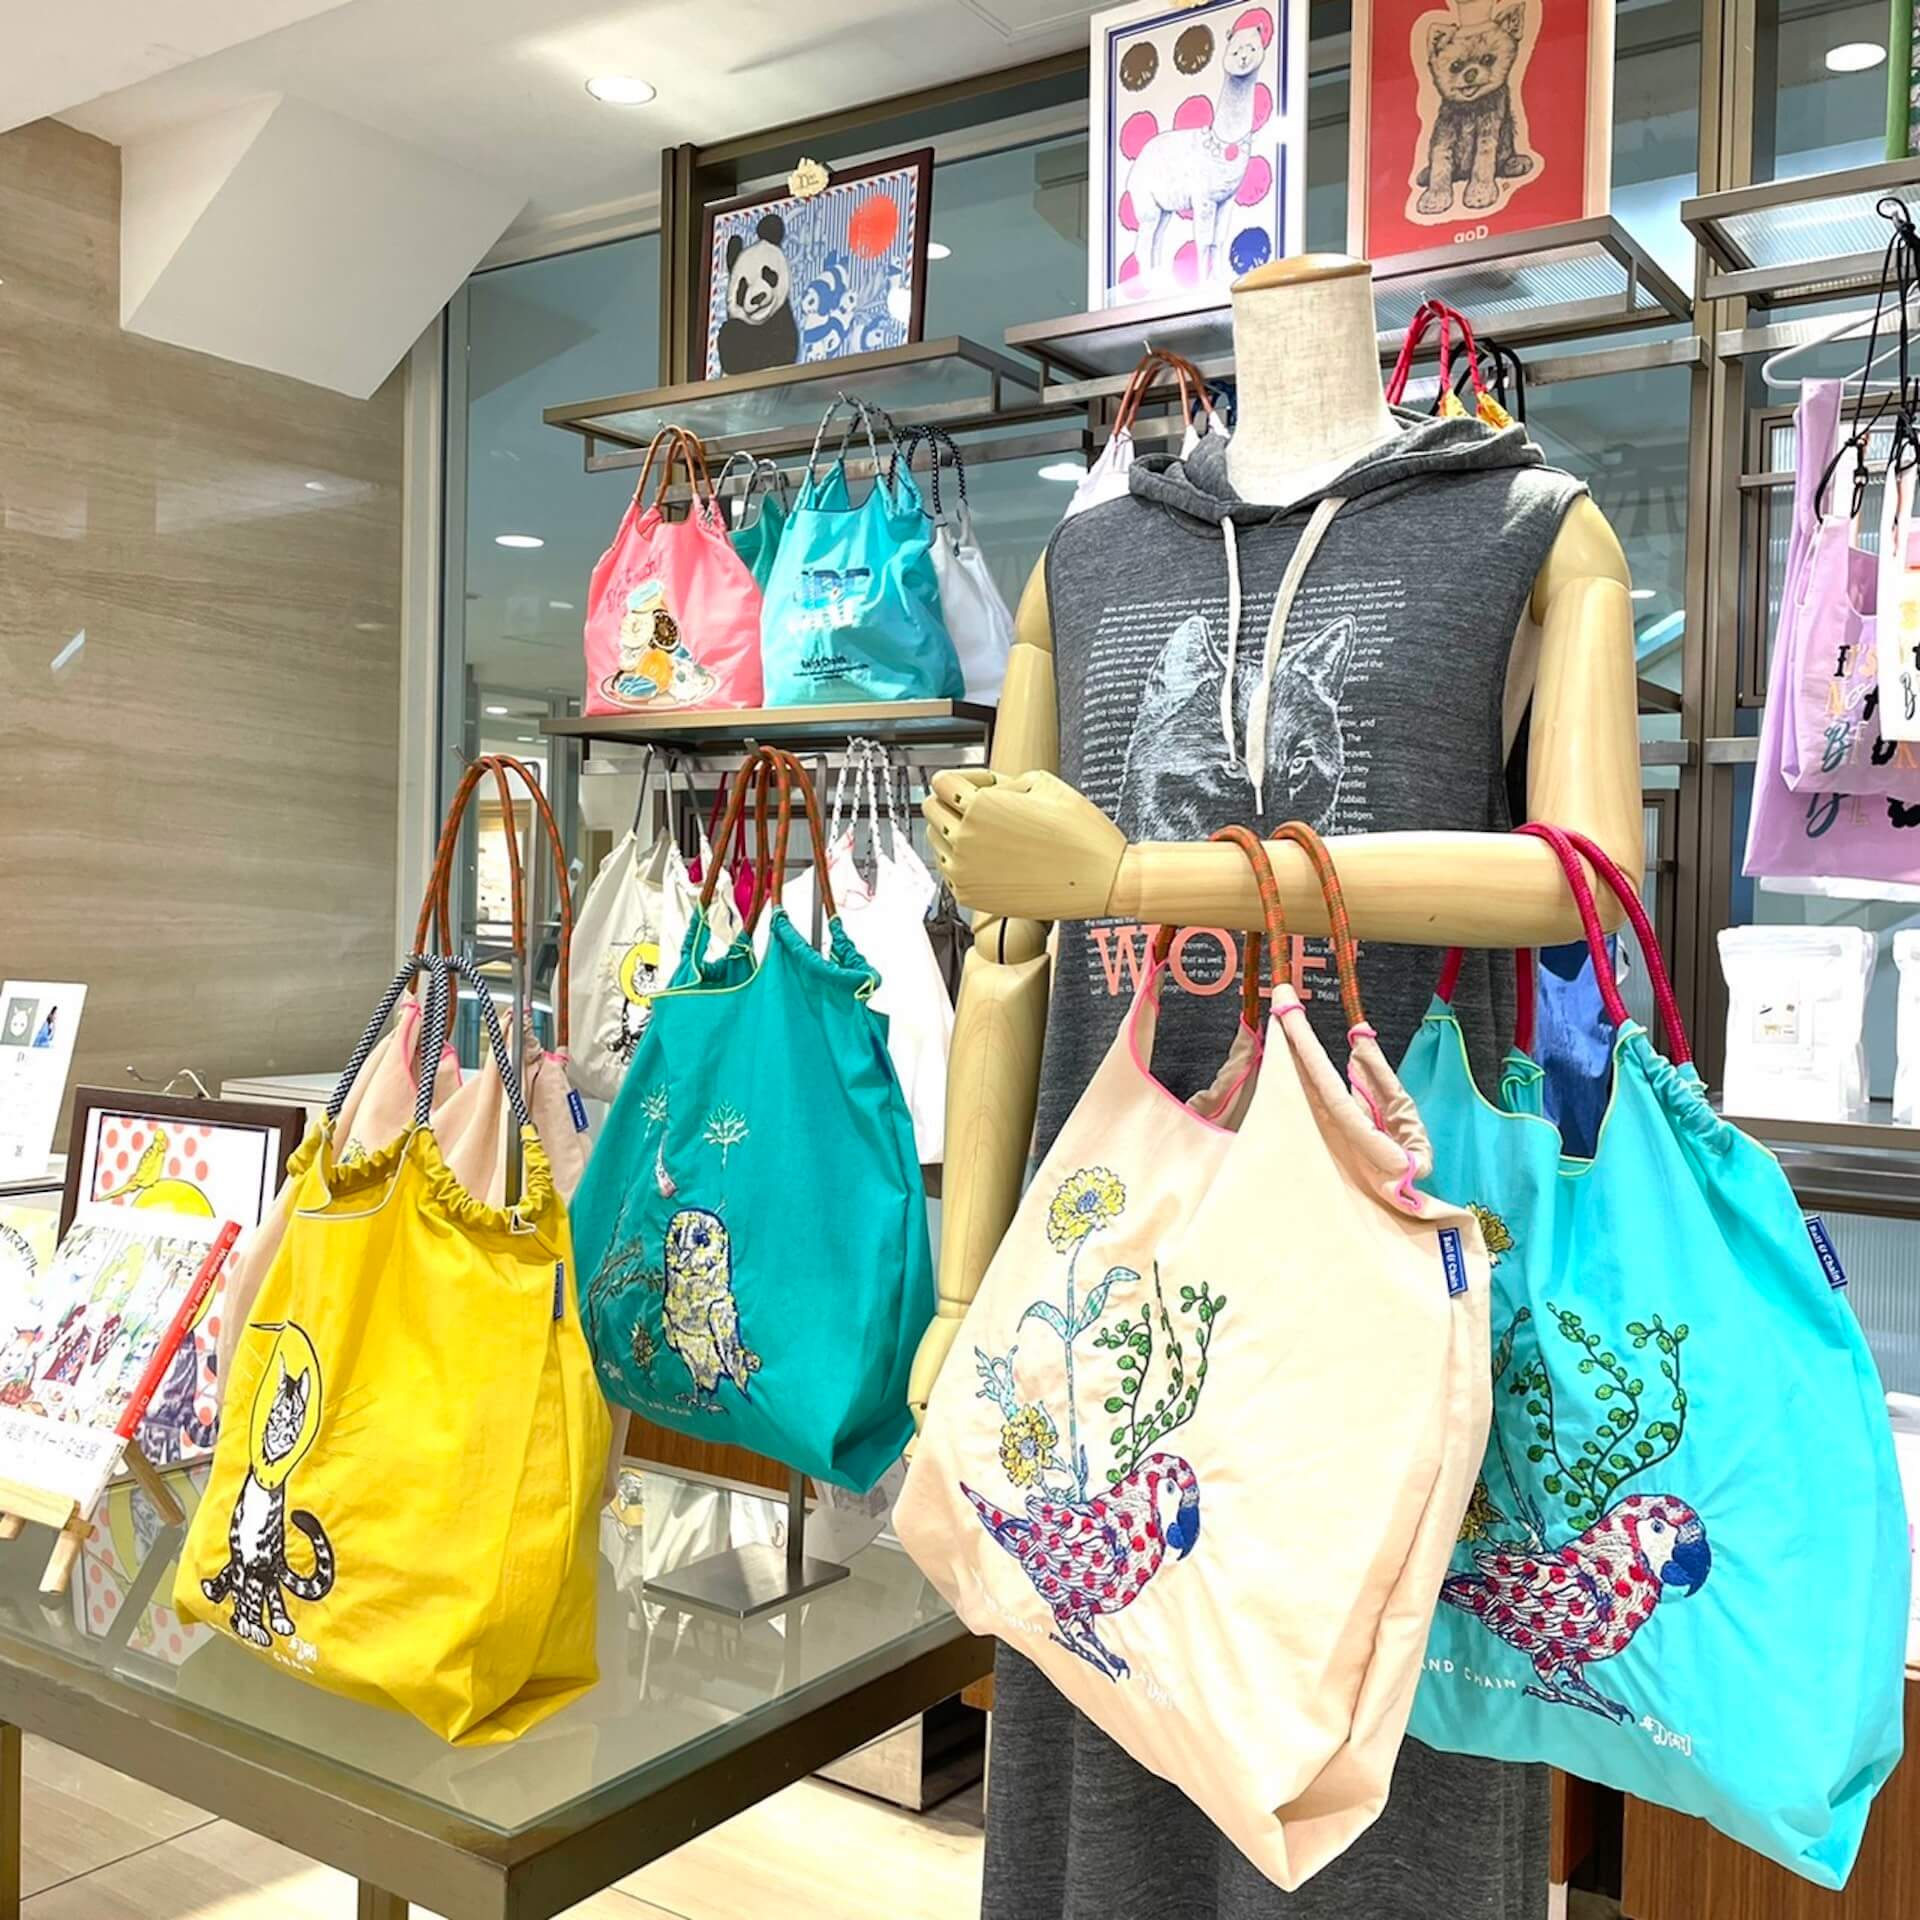 D[di:]が人気エコバッグブランドBall&Chainとコラボし、ポップアップショップツアー<D[di:]goods pop up×Ball&Chain>を展開! fashion210624_Dpopup7